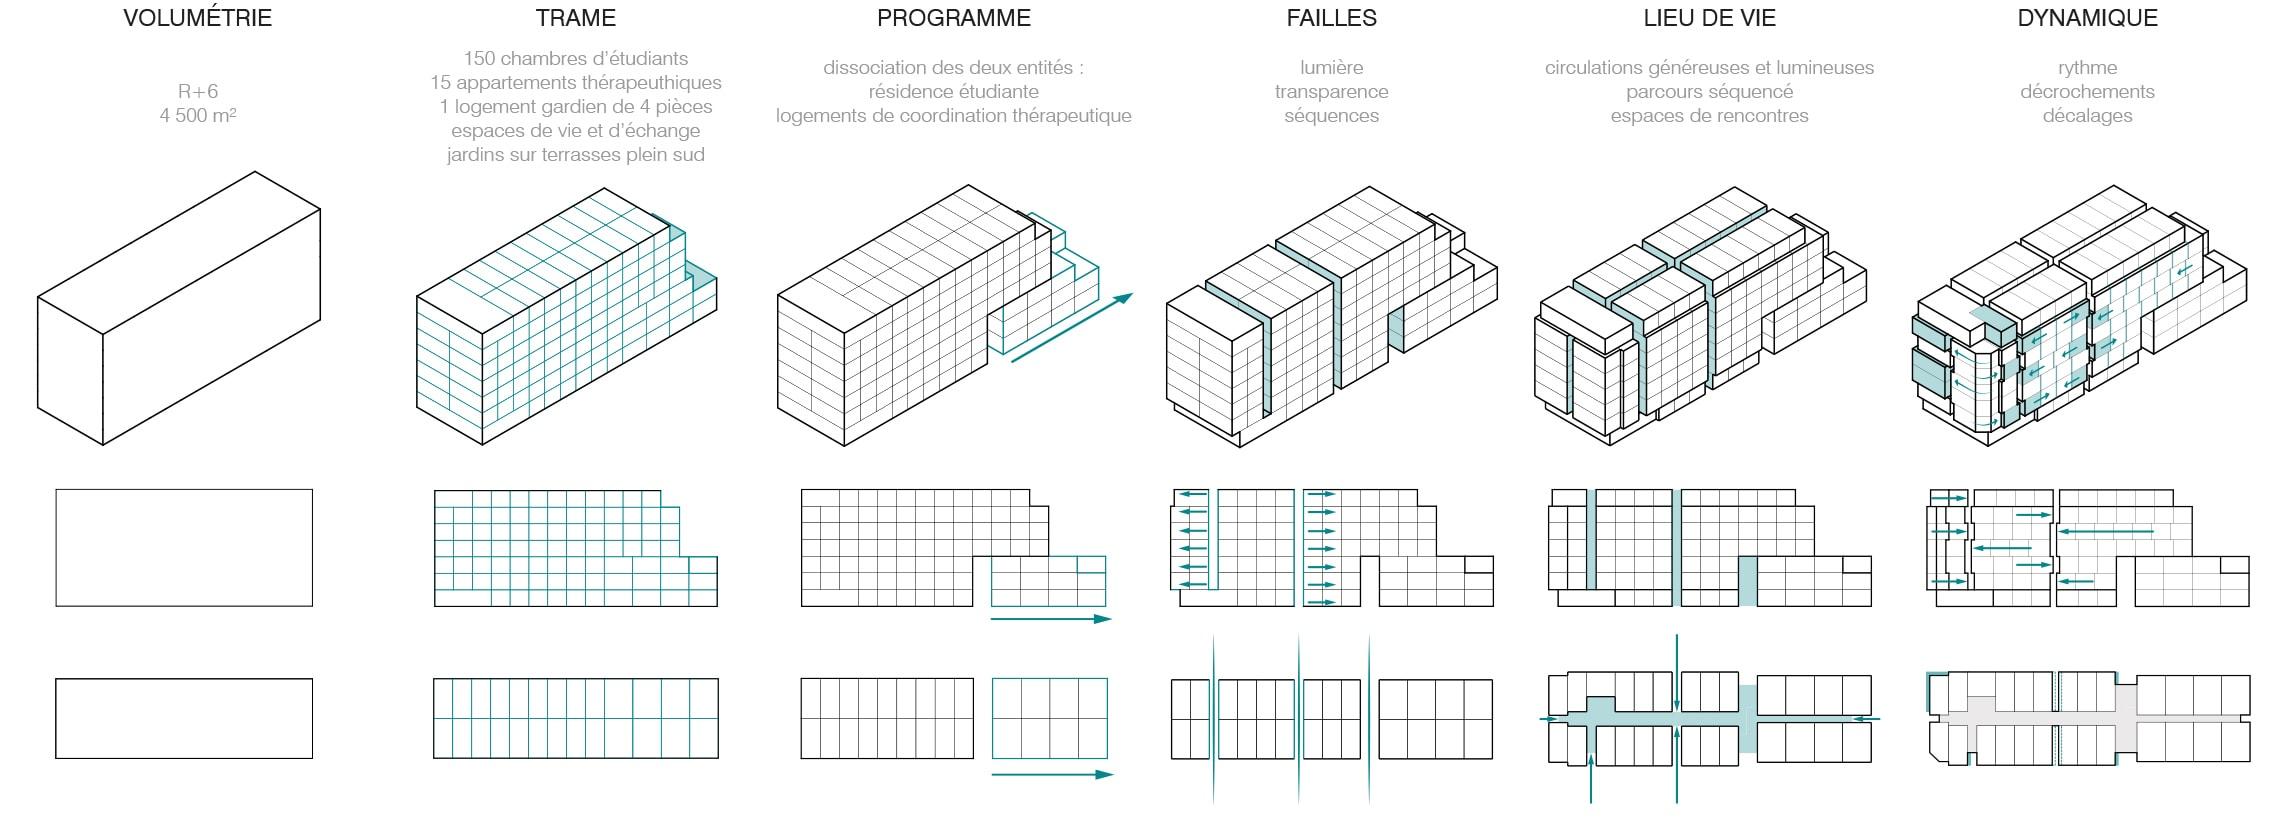 Diagrammes conceptuels